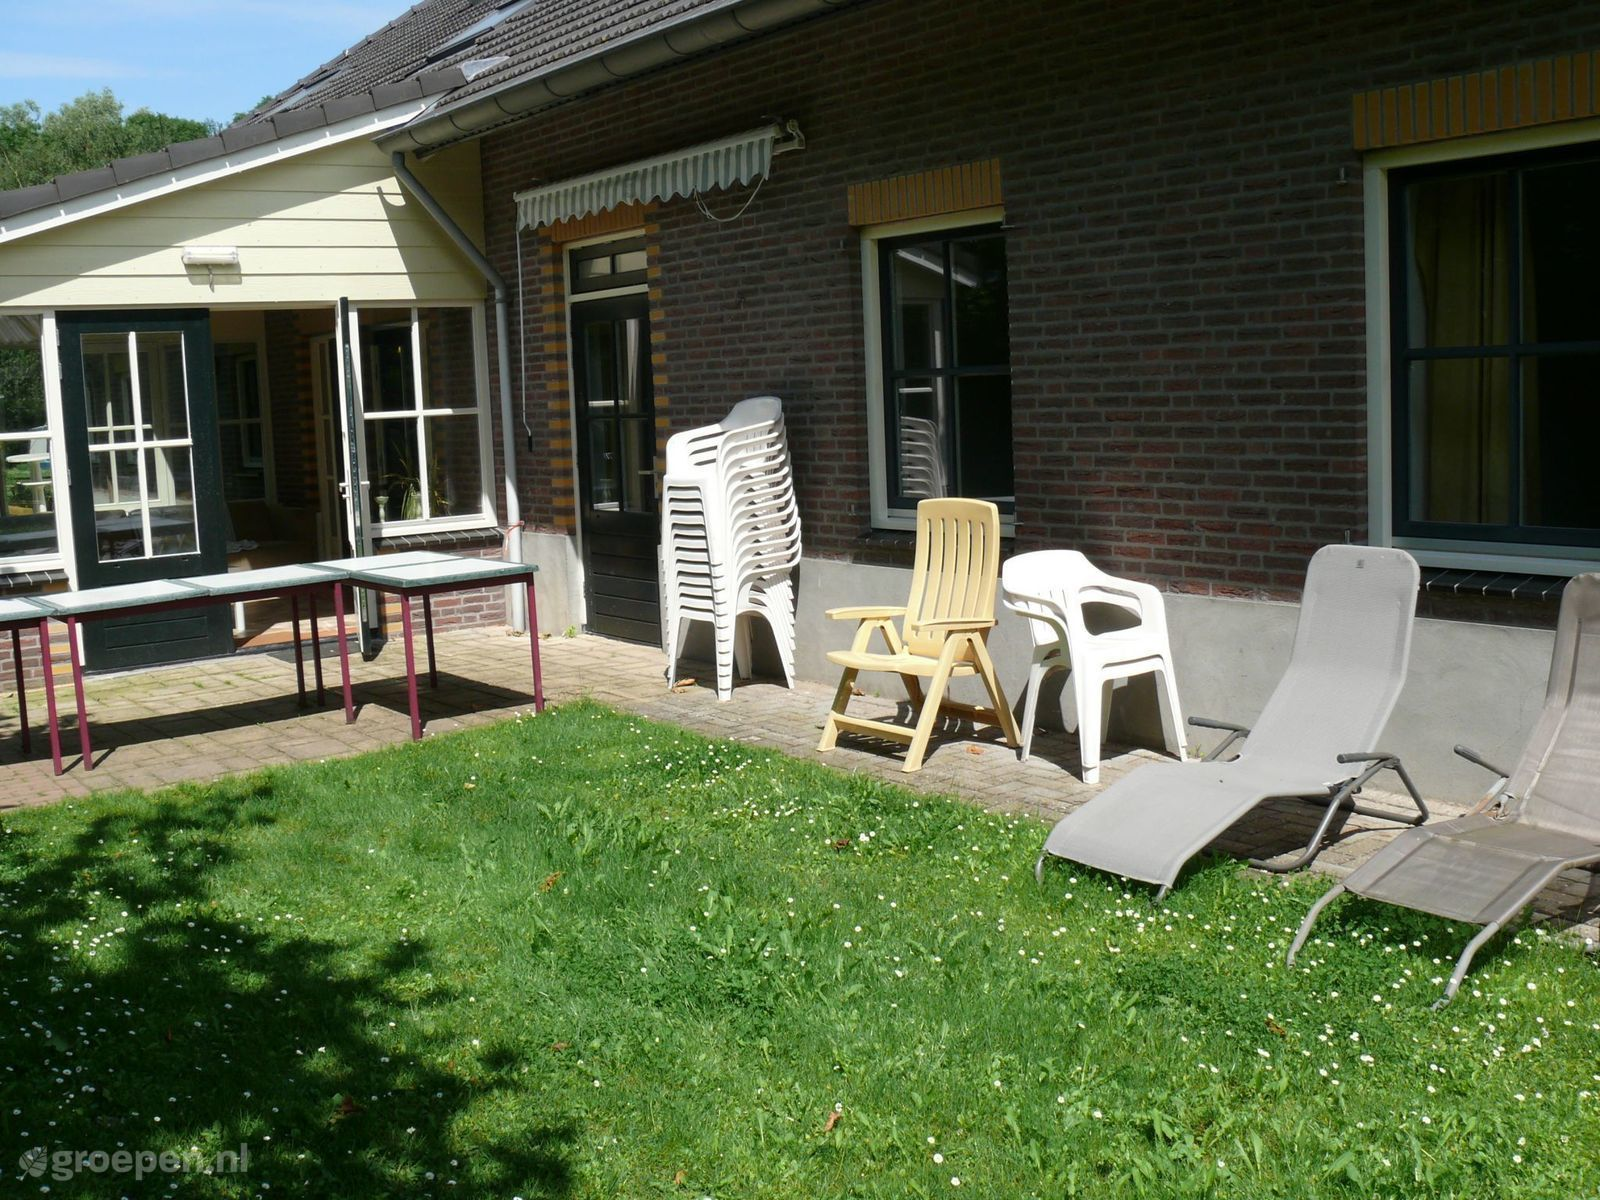 Vakantieboerderij Ravenstein